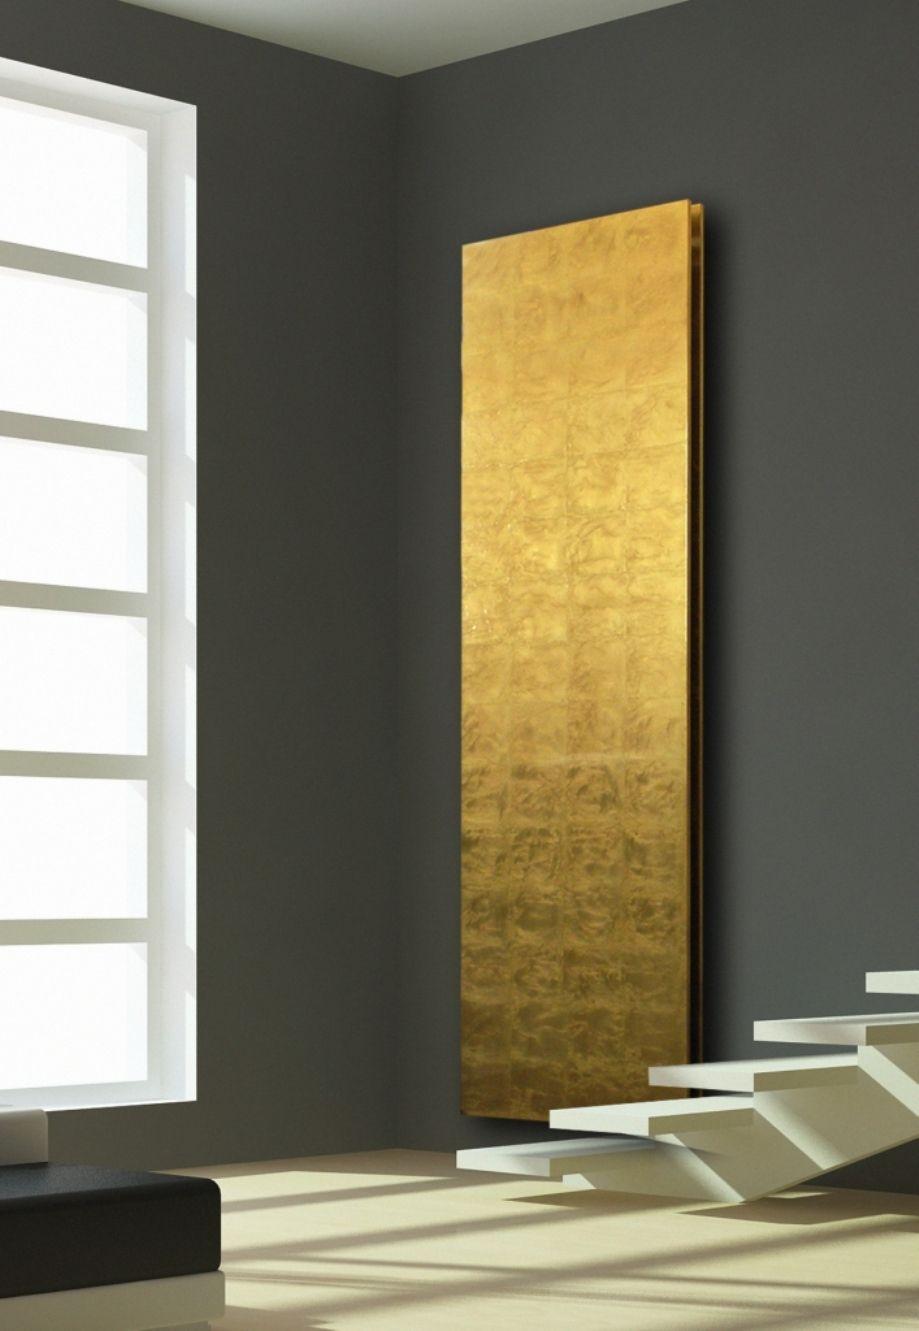 Firo Exklusive Design Heizkörper Vertikal Wohnzimmer Wohnraum